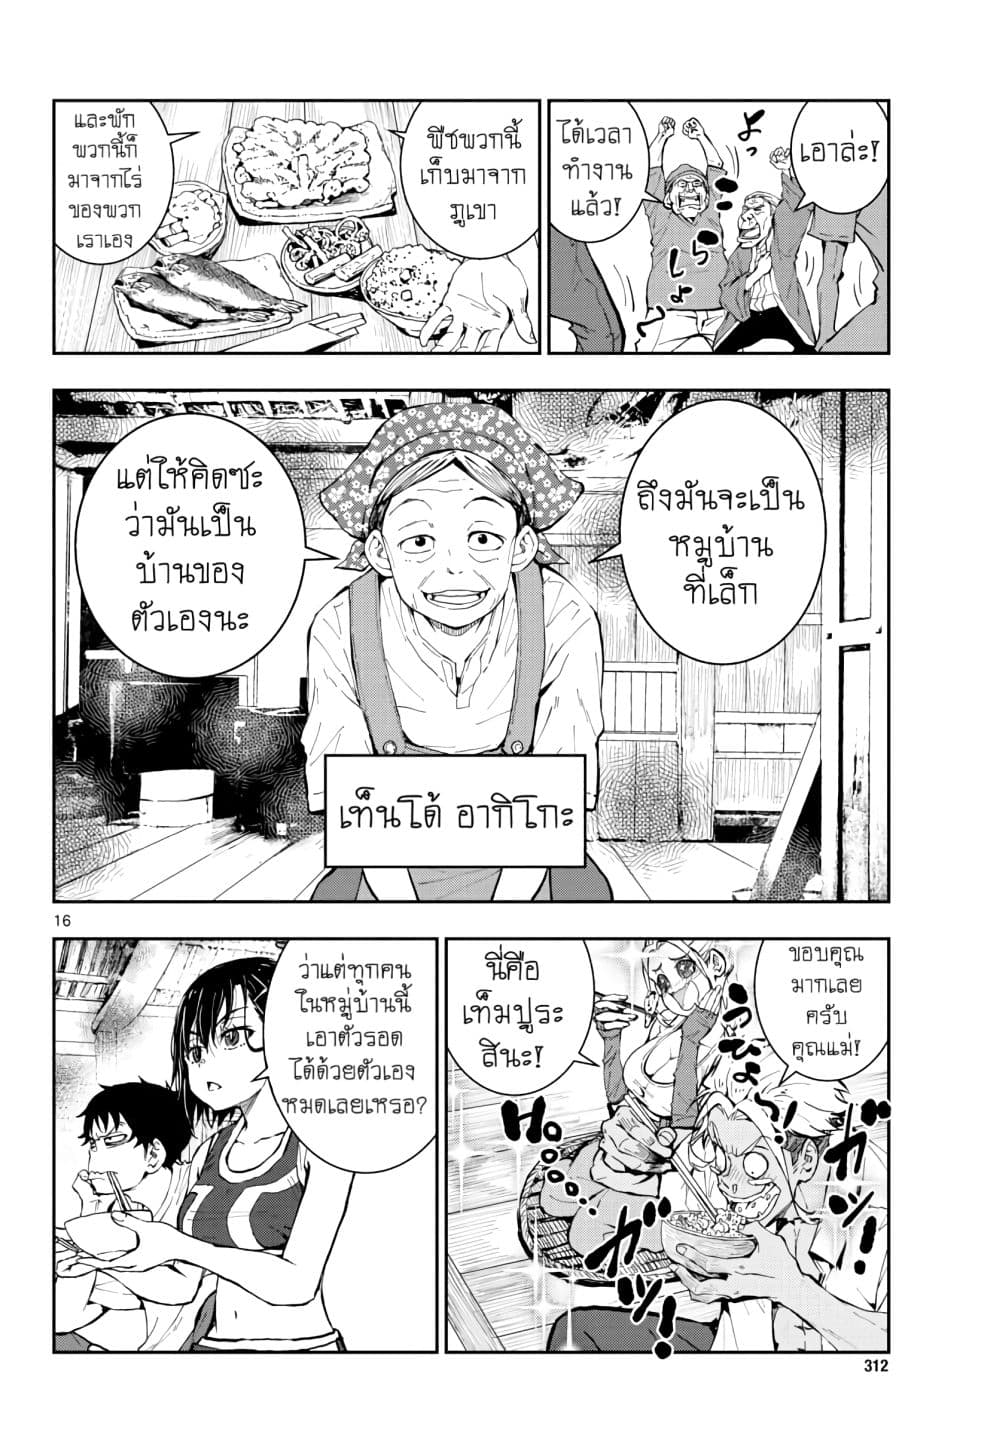 อ่านการ์ตูน Zombie 100 Zombie Ni Naru Made Ni Shitai 100 no koto ตอนที่ 15 หน้าที่ 15